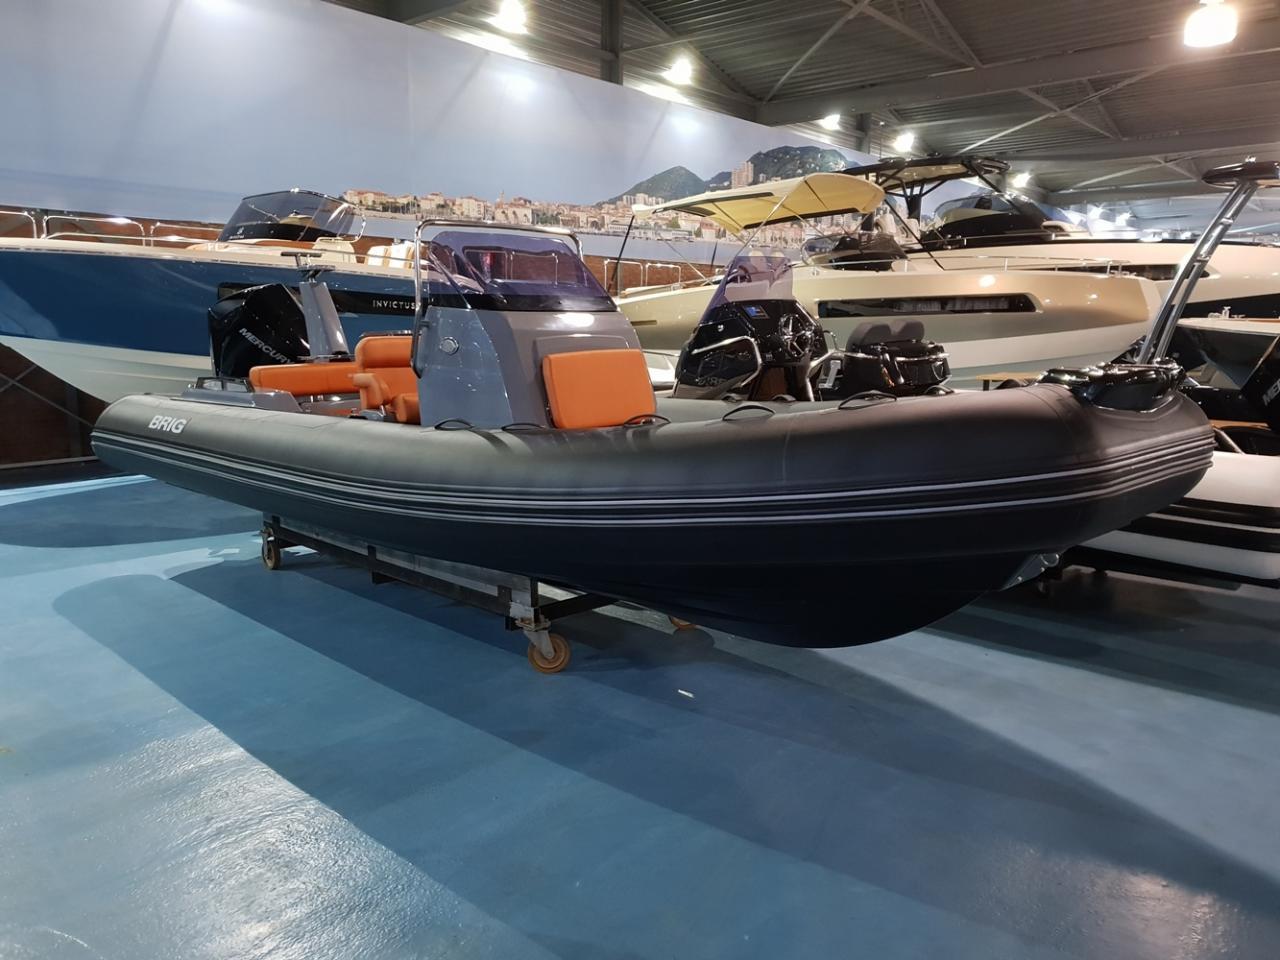 Brig Eagle 6.7 rib met Mercury 225 pk VAARKLAAR! 1